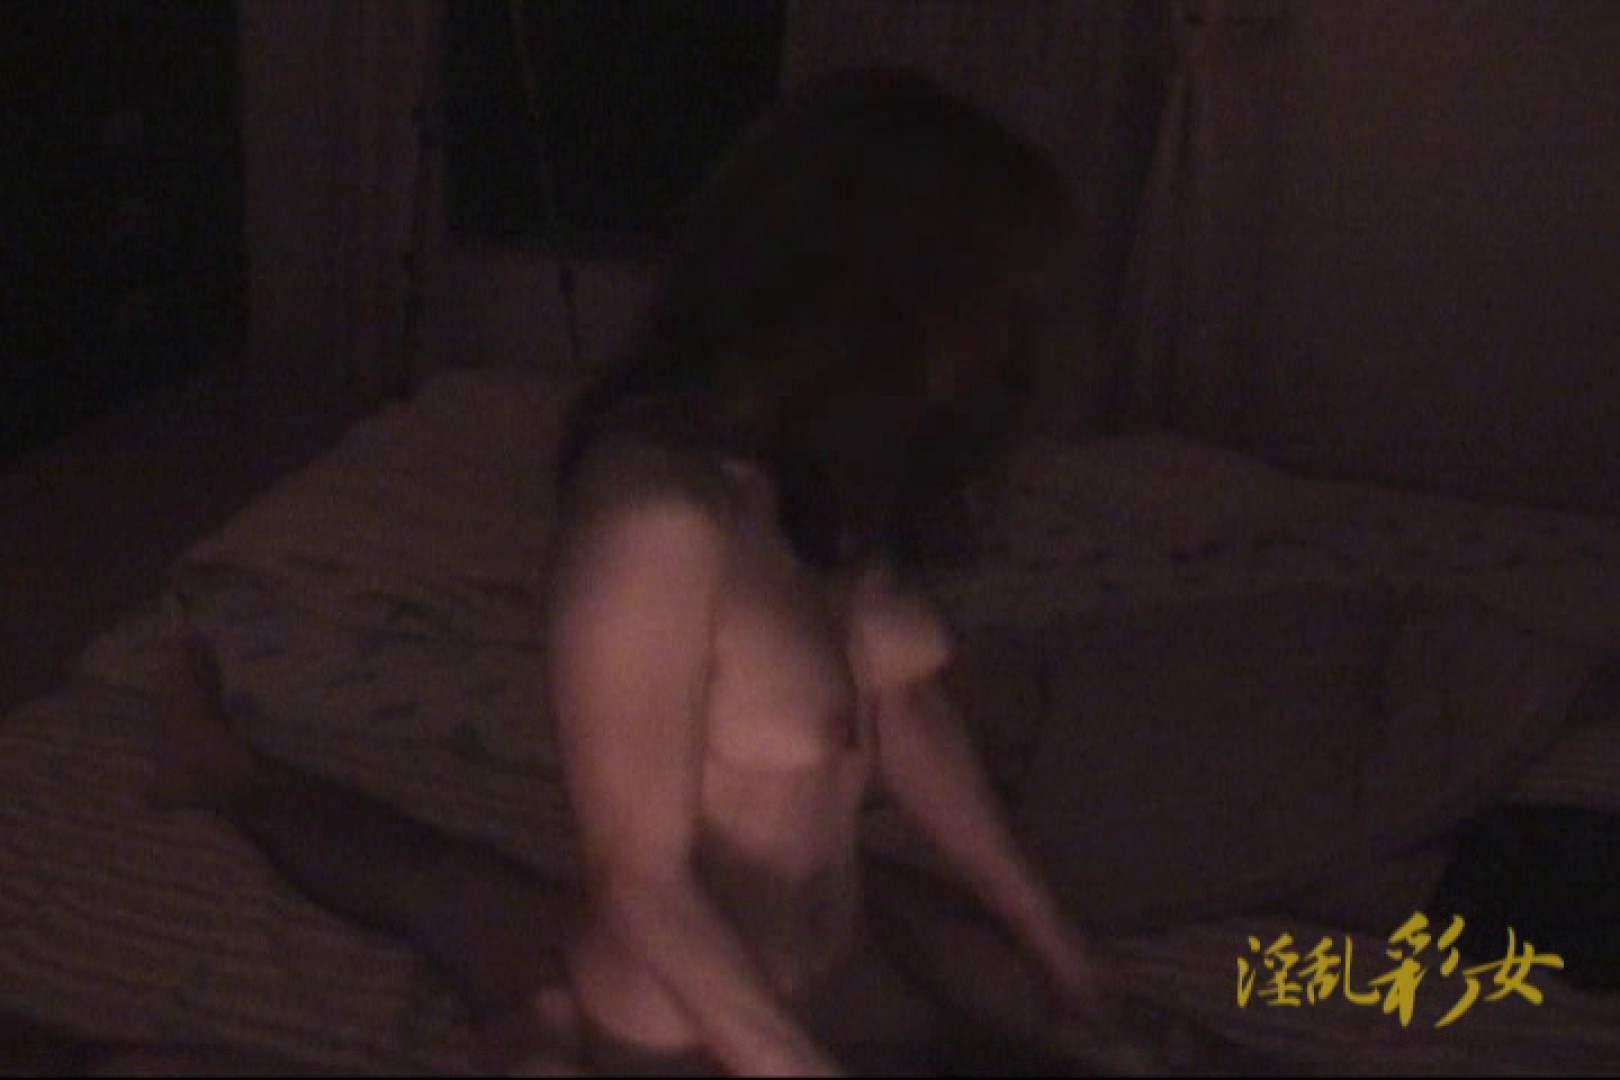 淫乱彩女 麻優里 禁断の彼氏 SEX映像  110pic 72